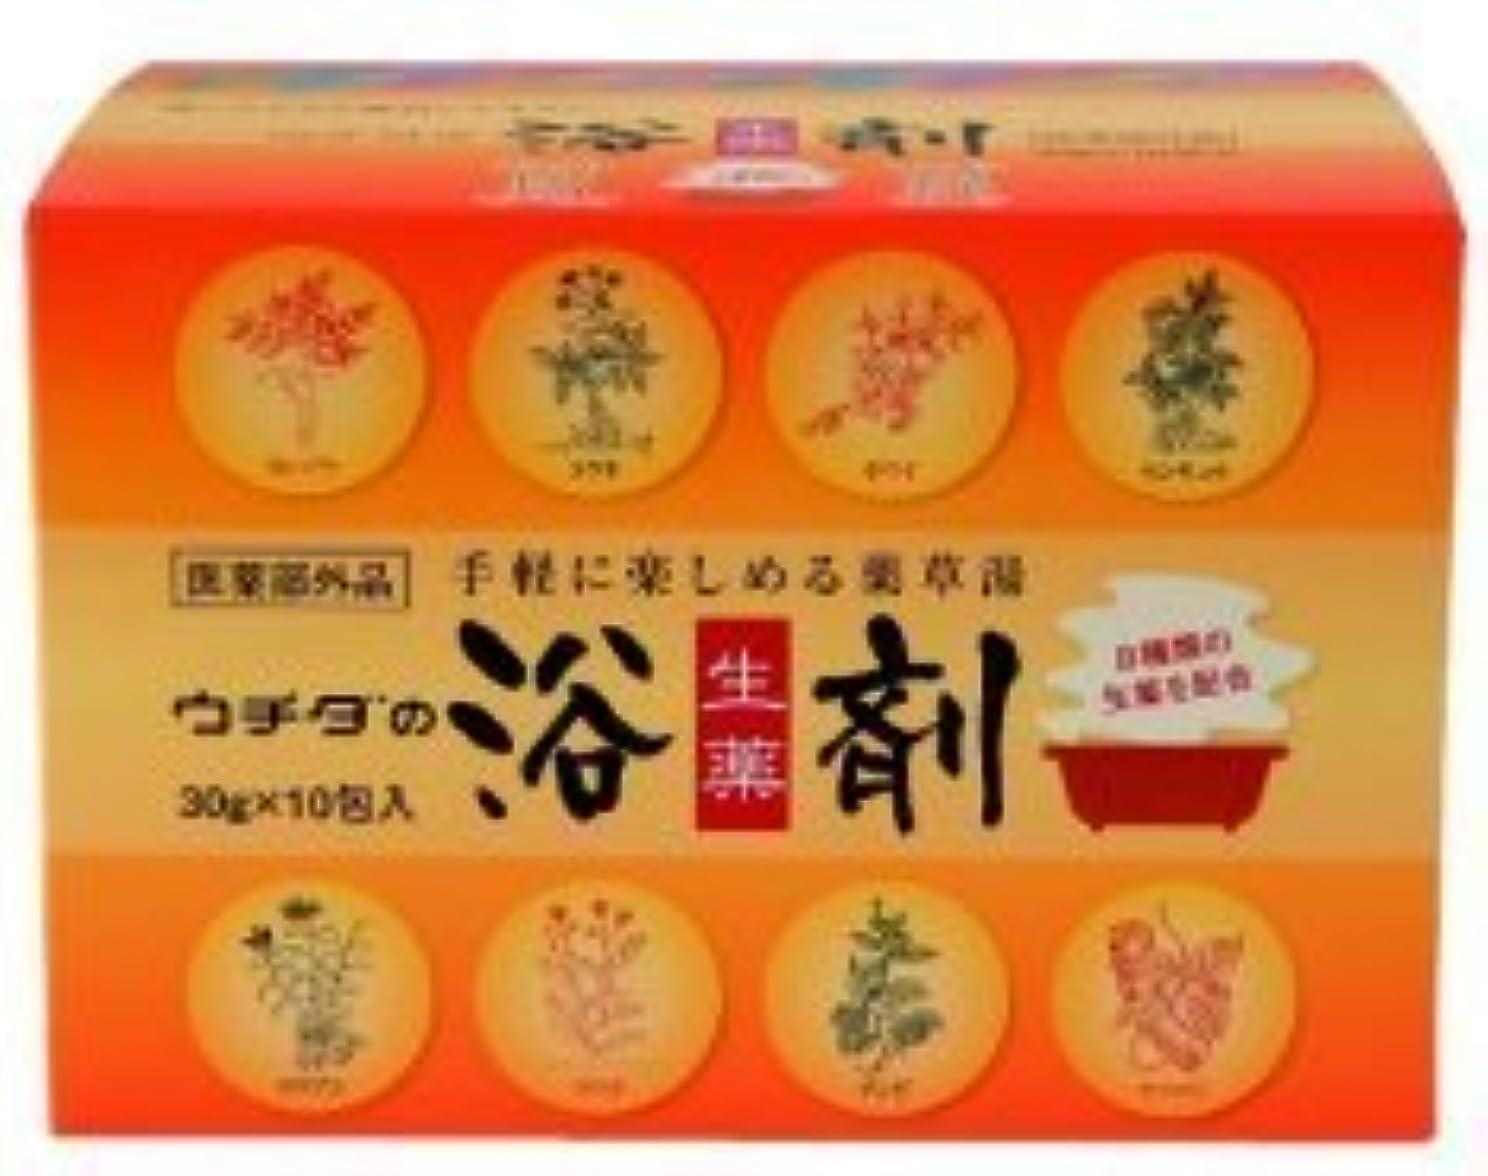 反逆大きなスケールで見るとランタン〔ウチダ和漢薬〕ウチダの浴剤(30g×10包入)×2個セット+1包おまけ